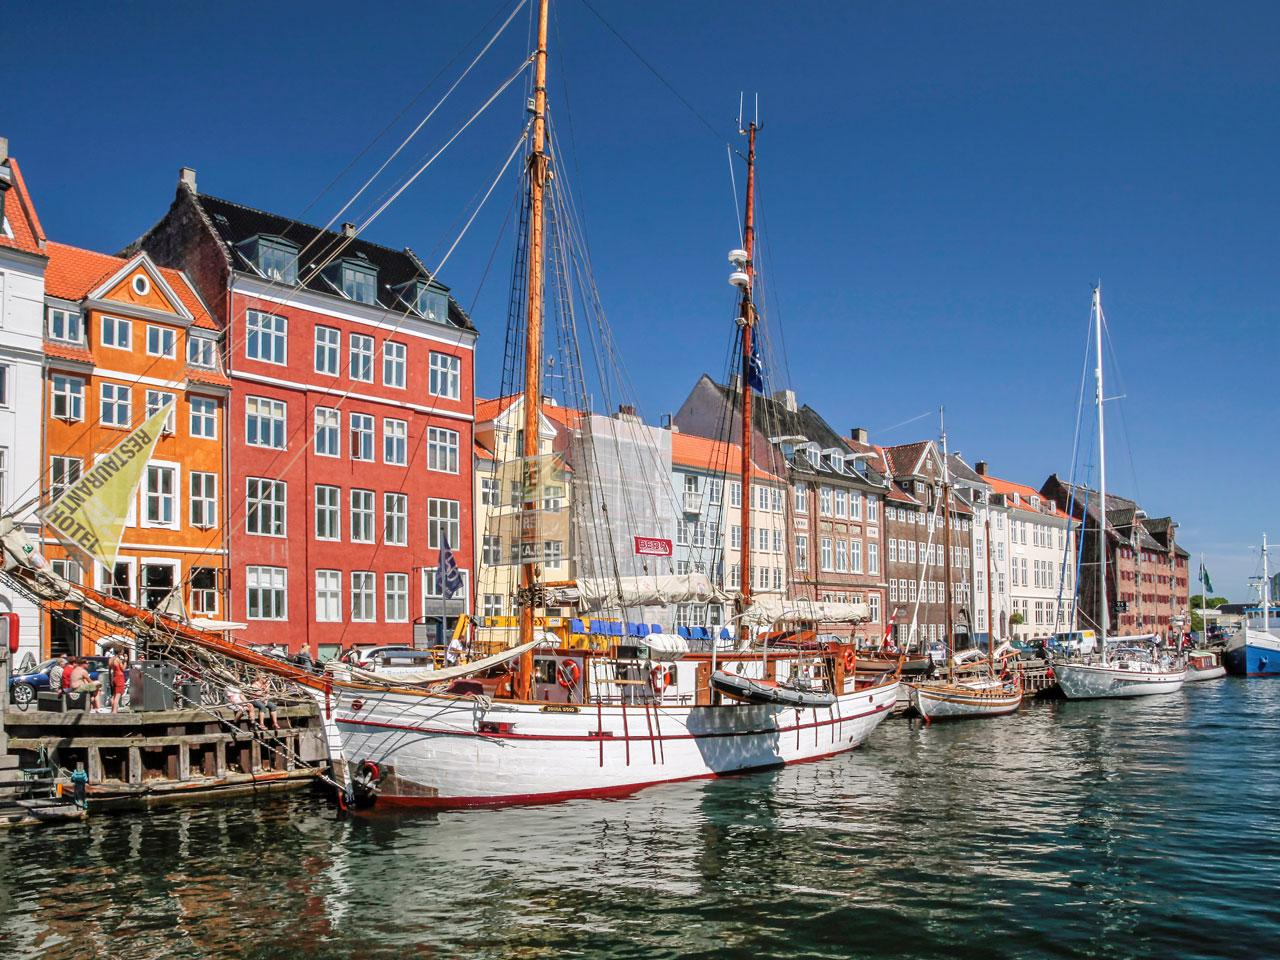 This is charming Nyhavn in Copenhagen, Denmark